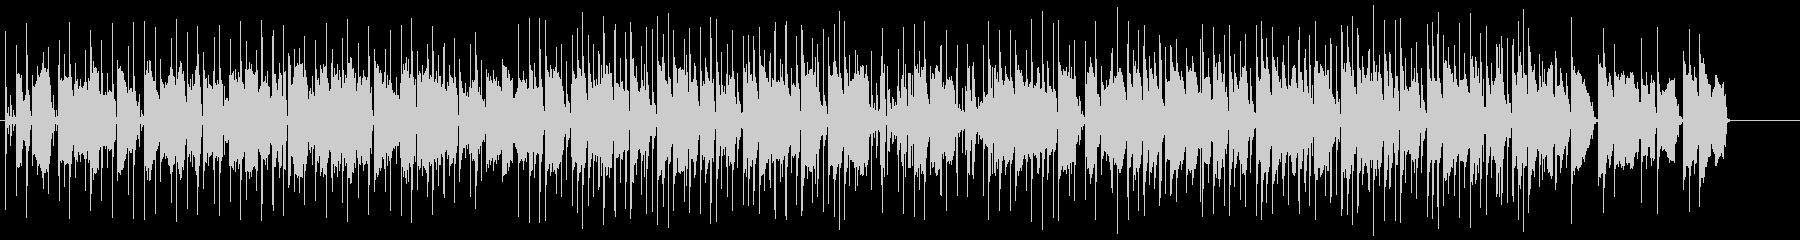 ピアノが印象的なローファイヒップホップの未再生の波形